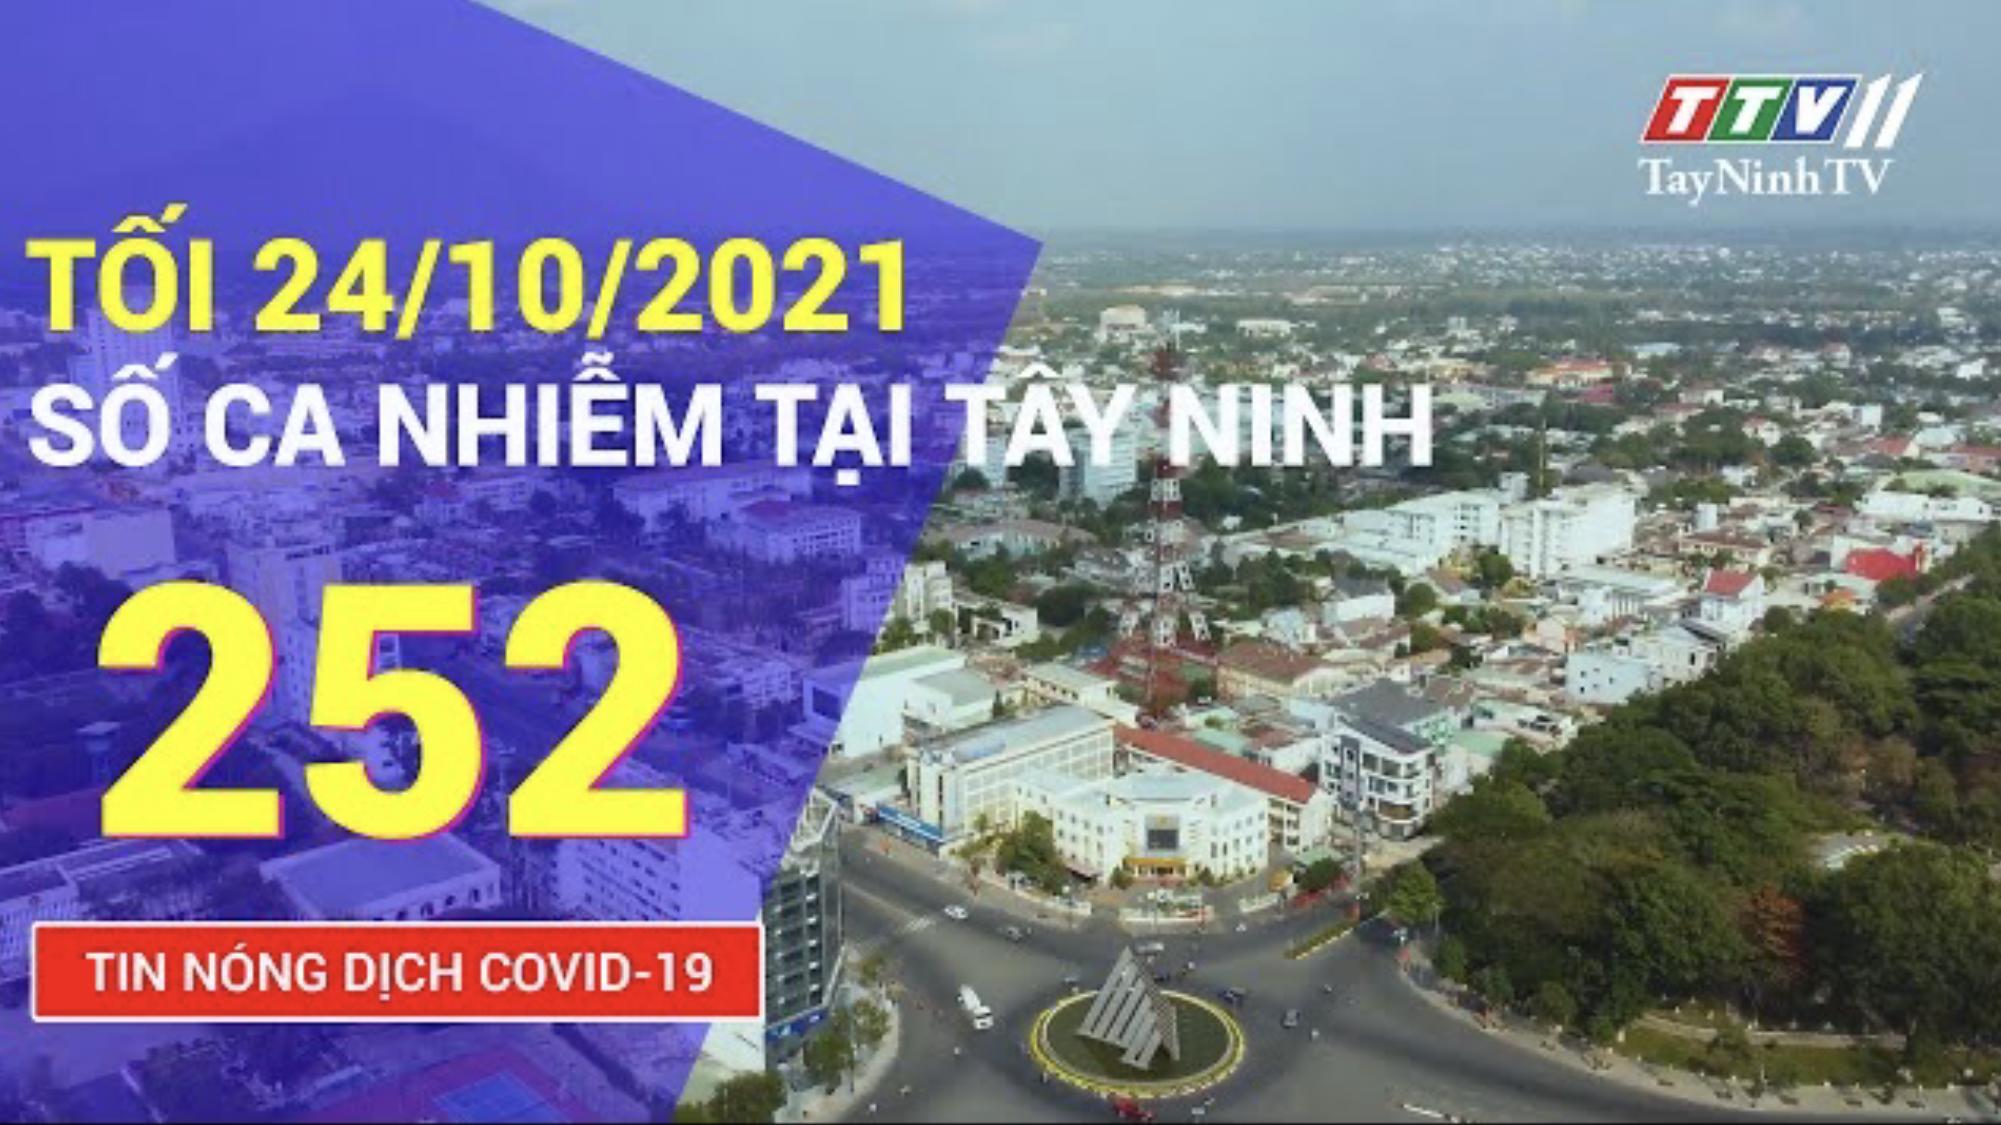 TIN TỨC COVID-19 TỐI 24/10/2021 | Tin tức hôm nay | TayNinhTV